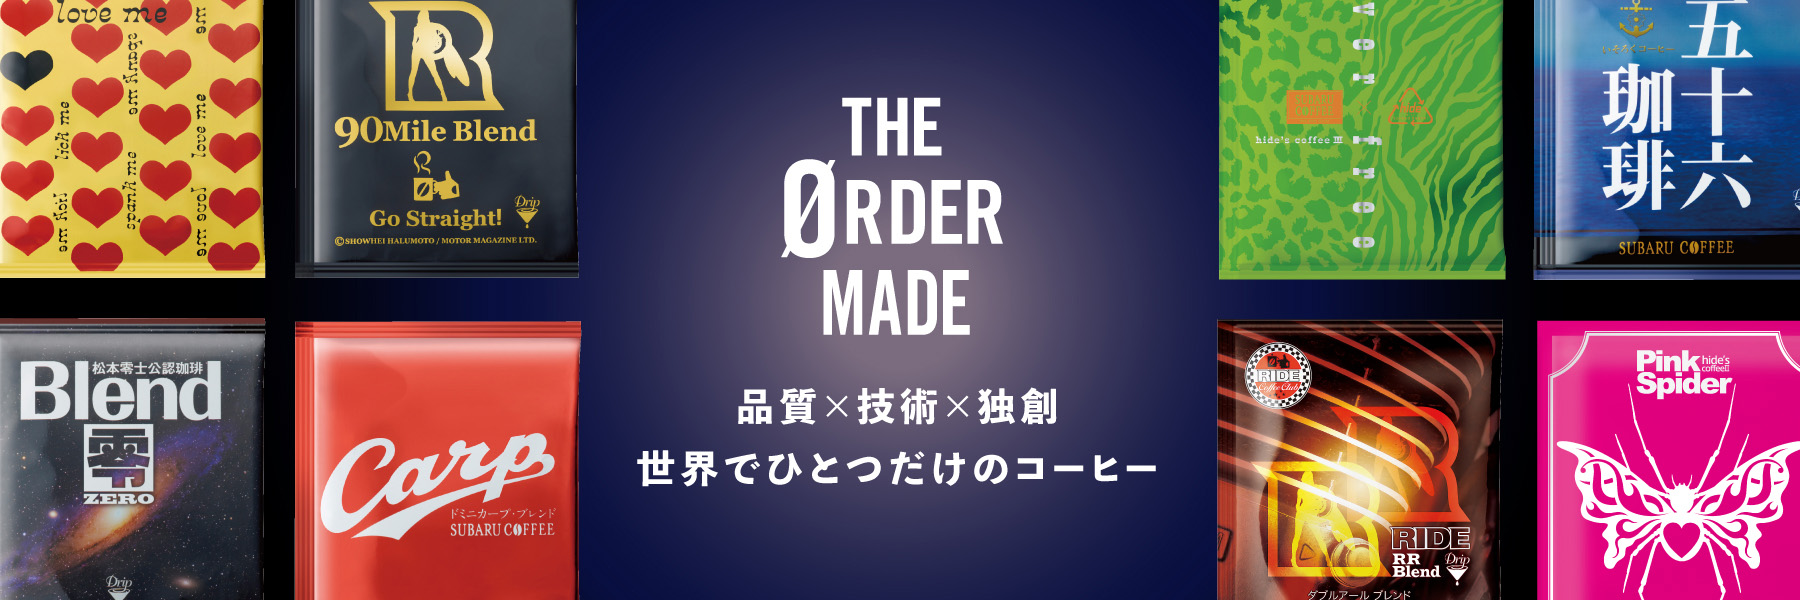 THE ORDER MADE 品質×技術×独創 世界でひとつだけのコーヒー